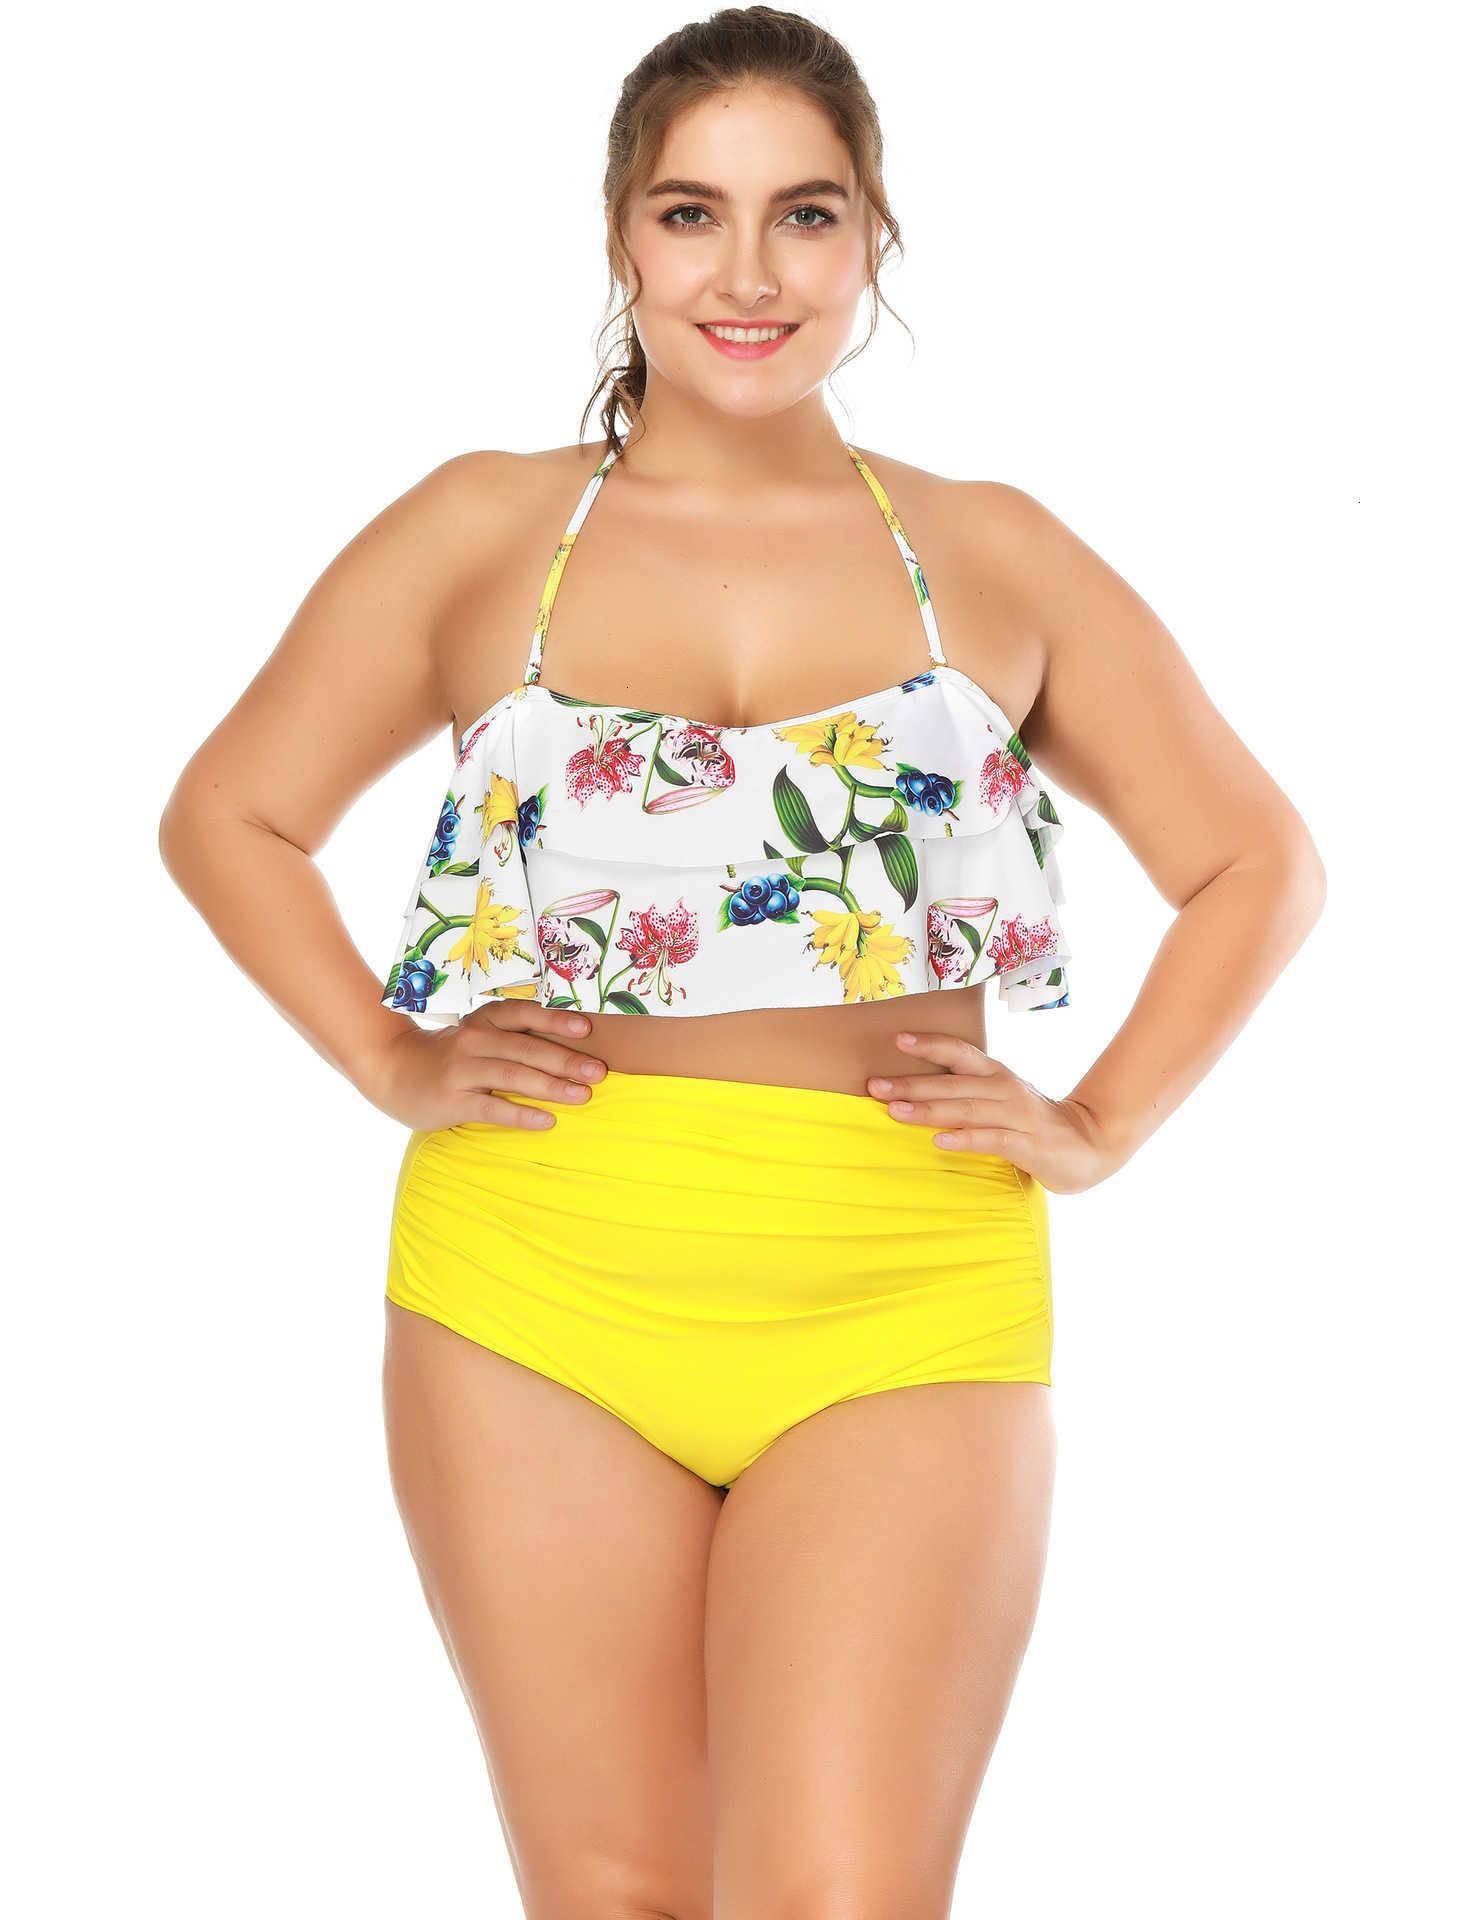 Nuovo 2021 Ruffled Split Split-Neck Straw Strap Tube Top Plus Size Hot Spring Swimwear Bandeau Costume da bagno Donne M27J